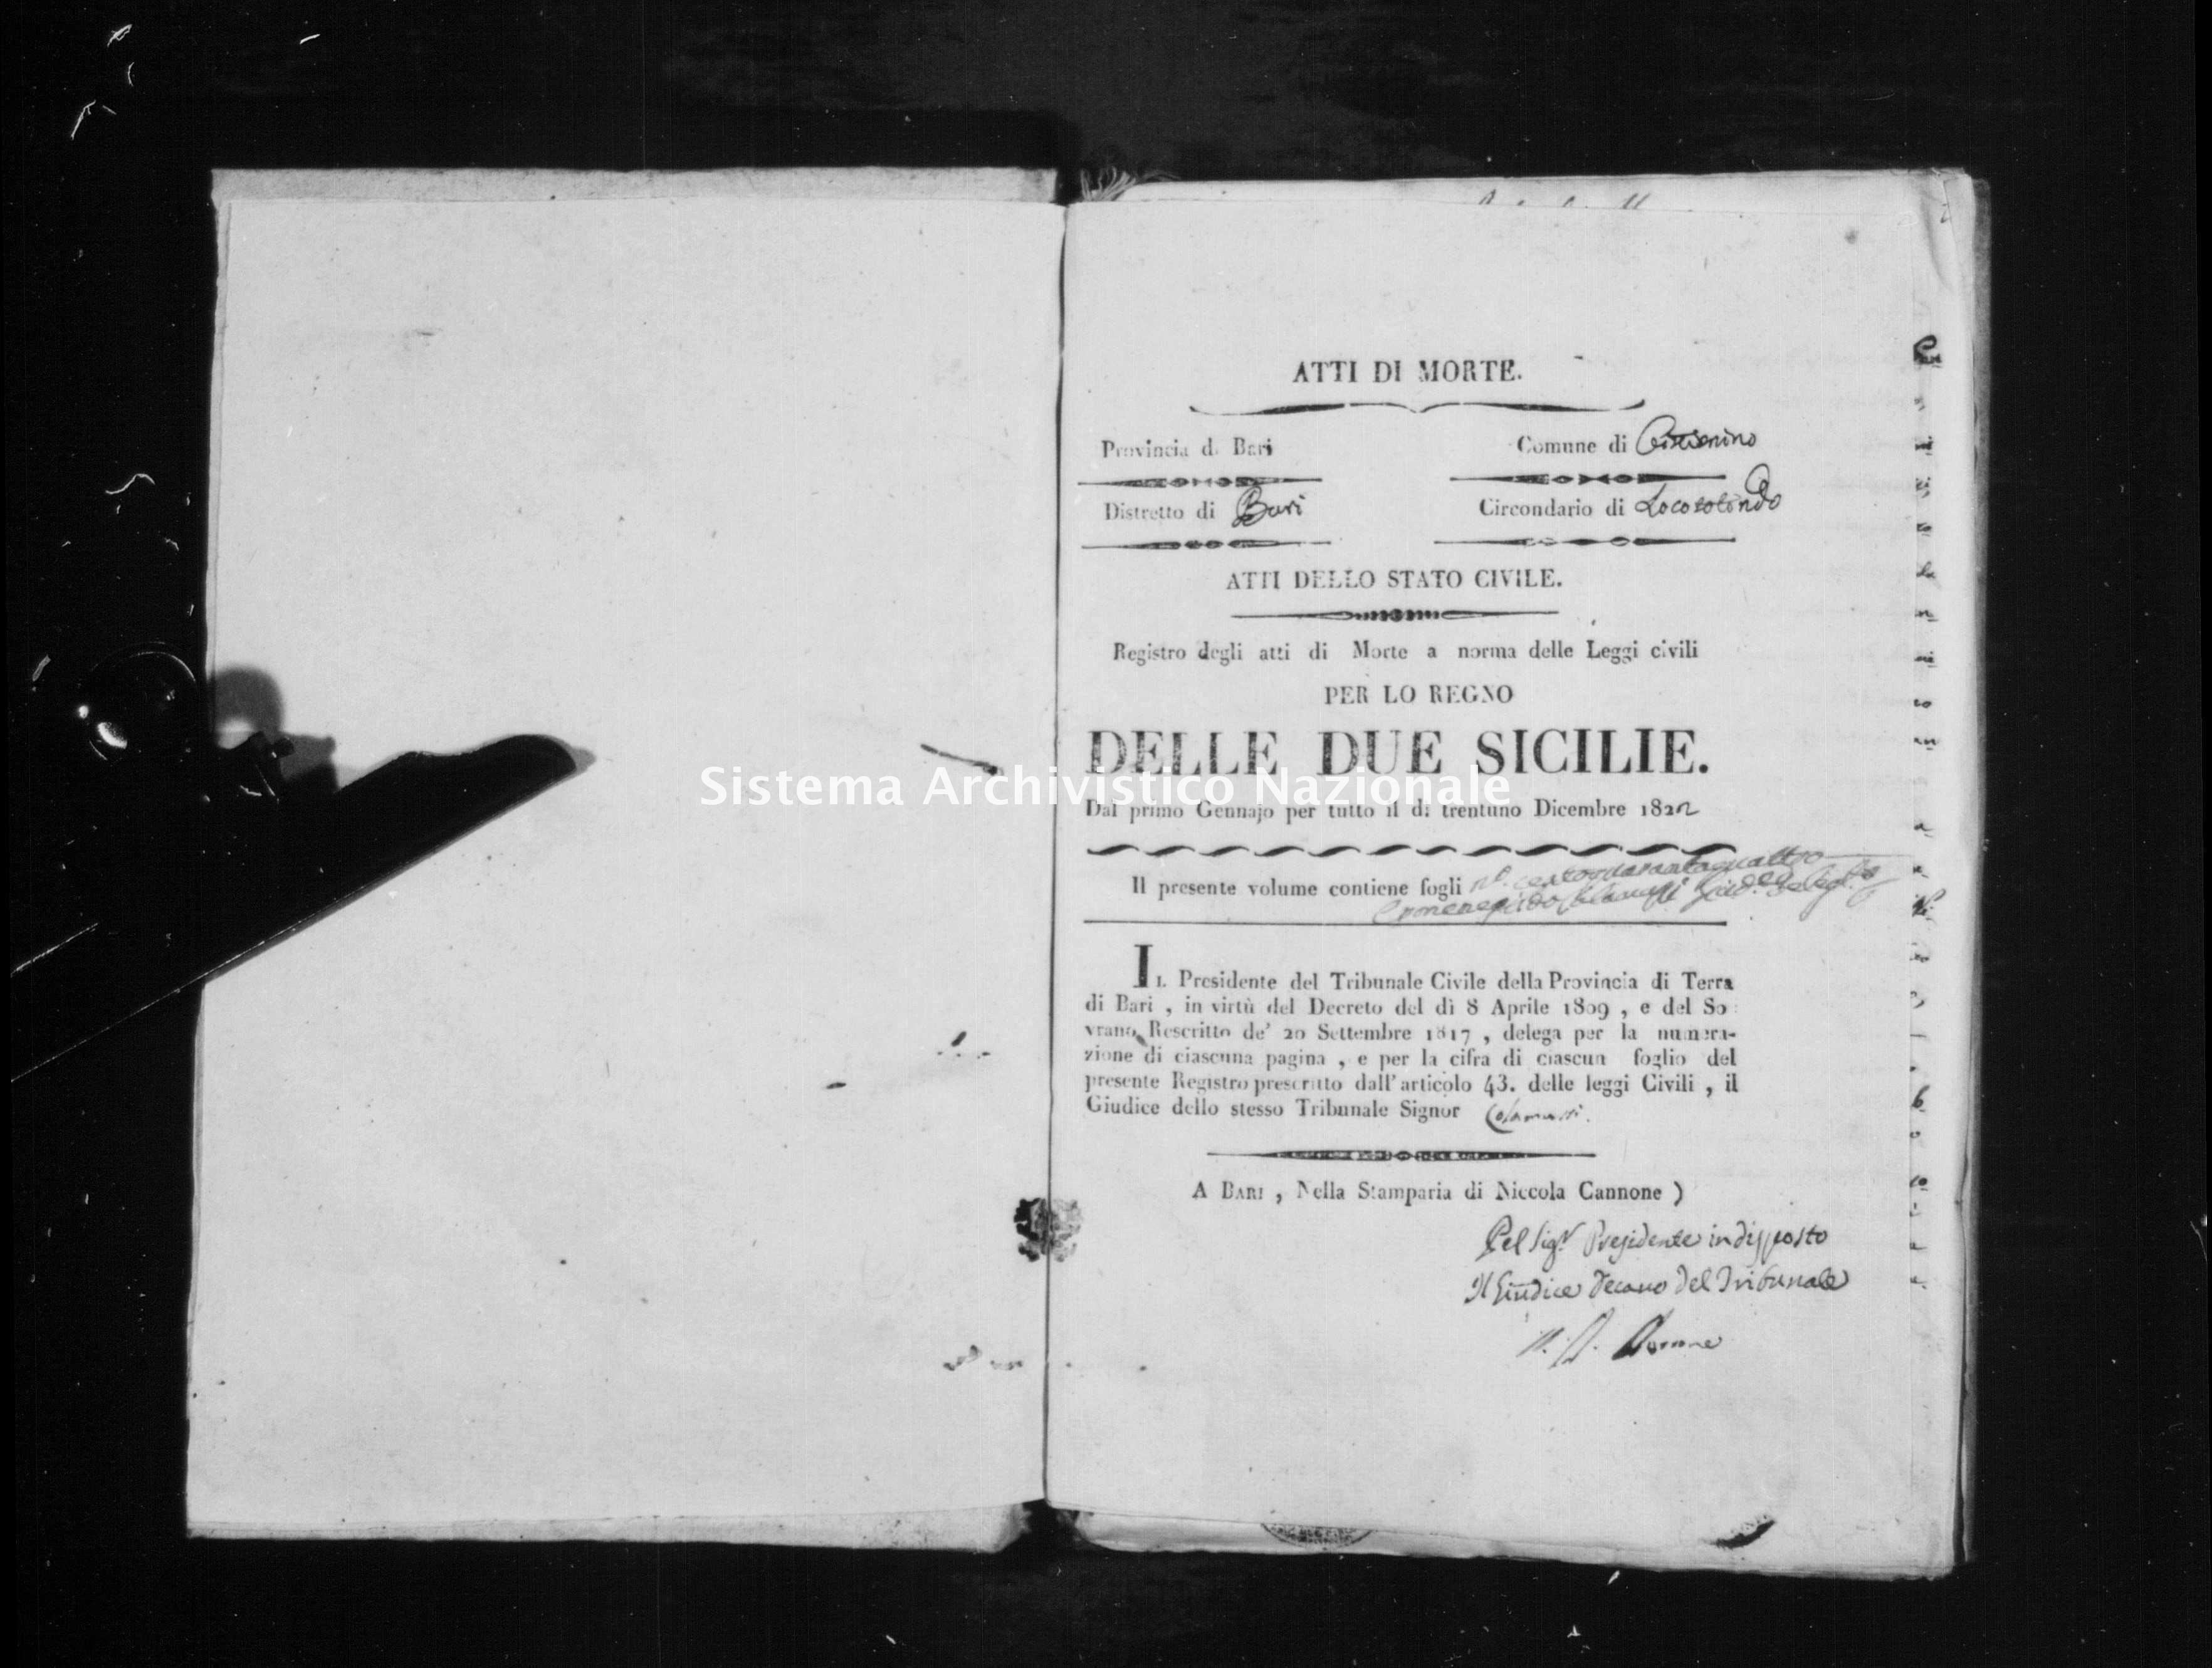 Archivio di stato di Bari - Stato civile della restaurazione - Cisternino - Morti - 1822 -